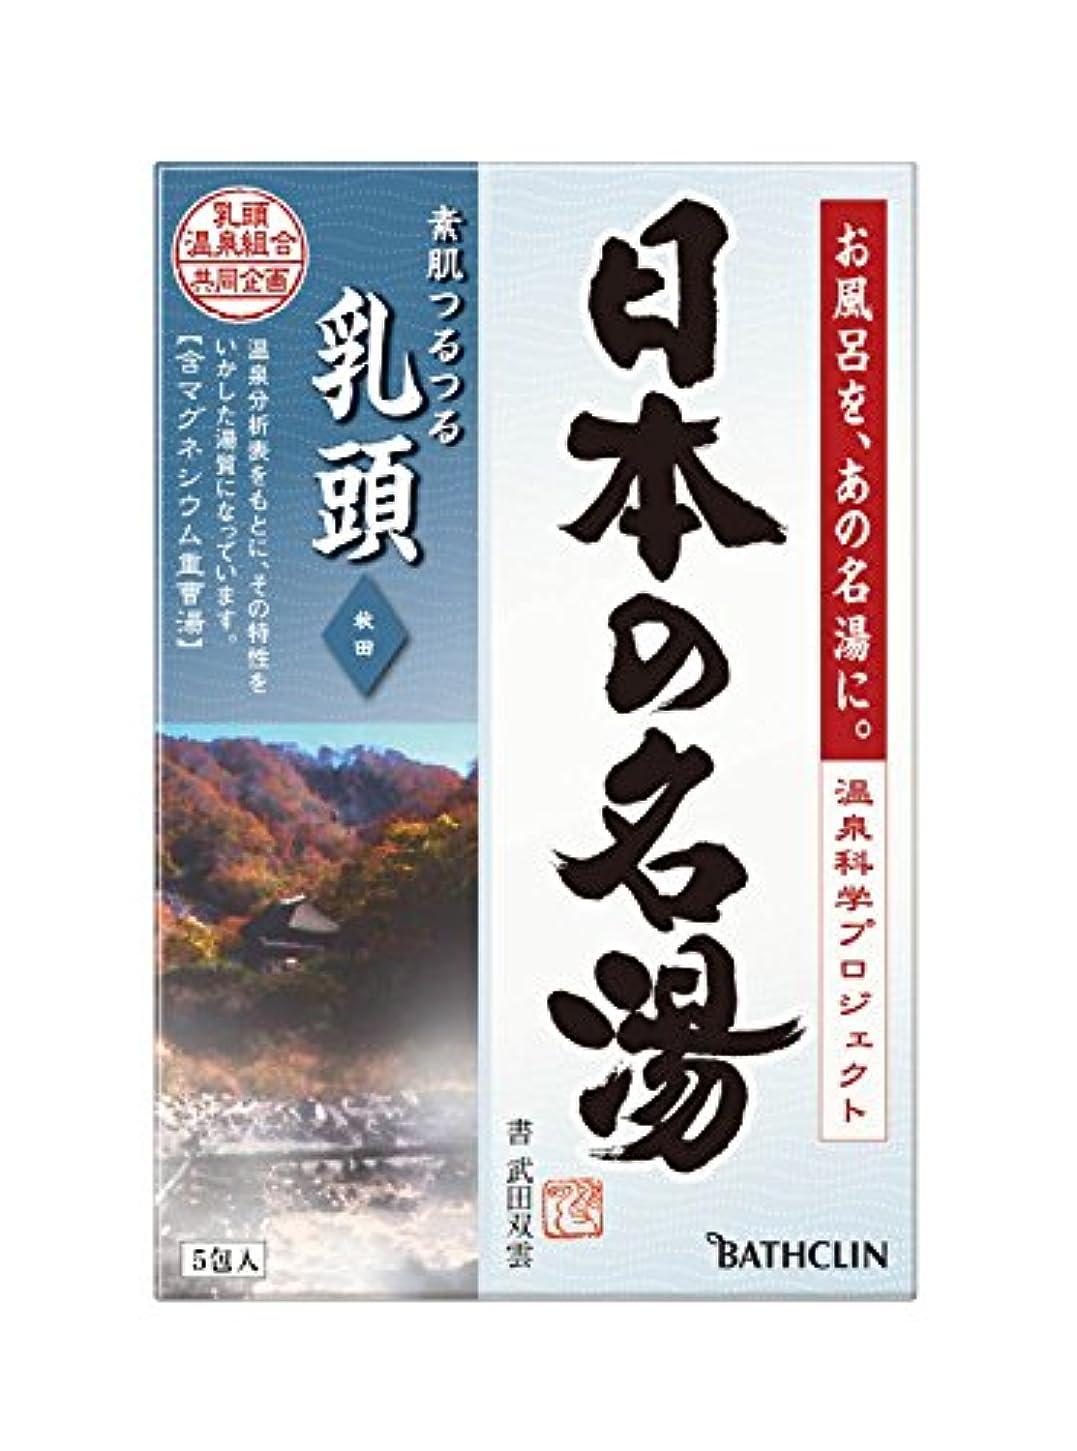 隠された評価するタック【医薬部外品】日本の名湯入浴剤 乳頭(秋田) 30g ×5包 にごりタイプ 個包装 温泉タイプ